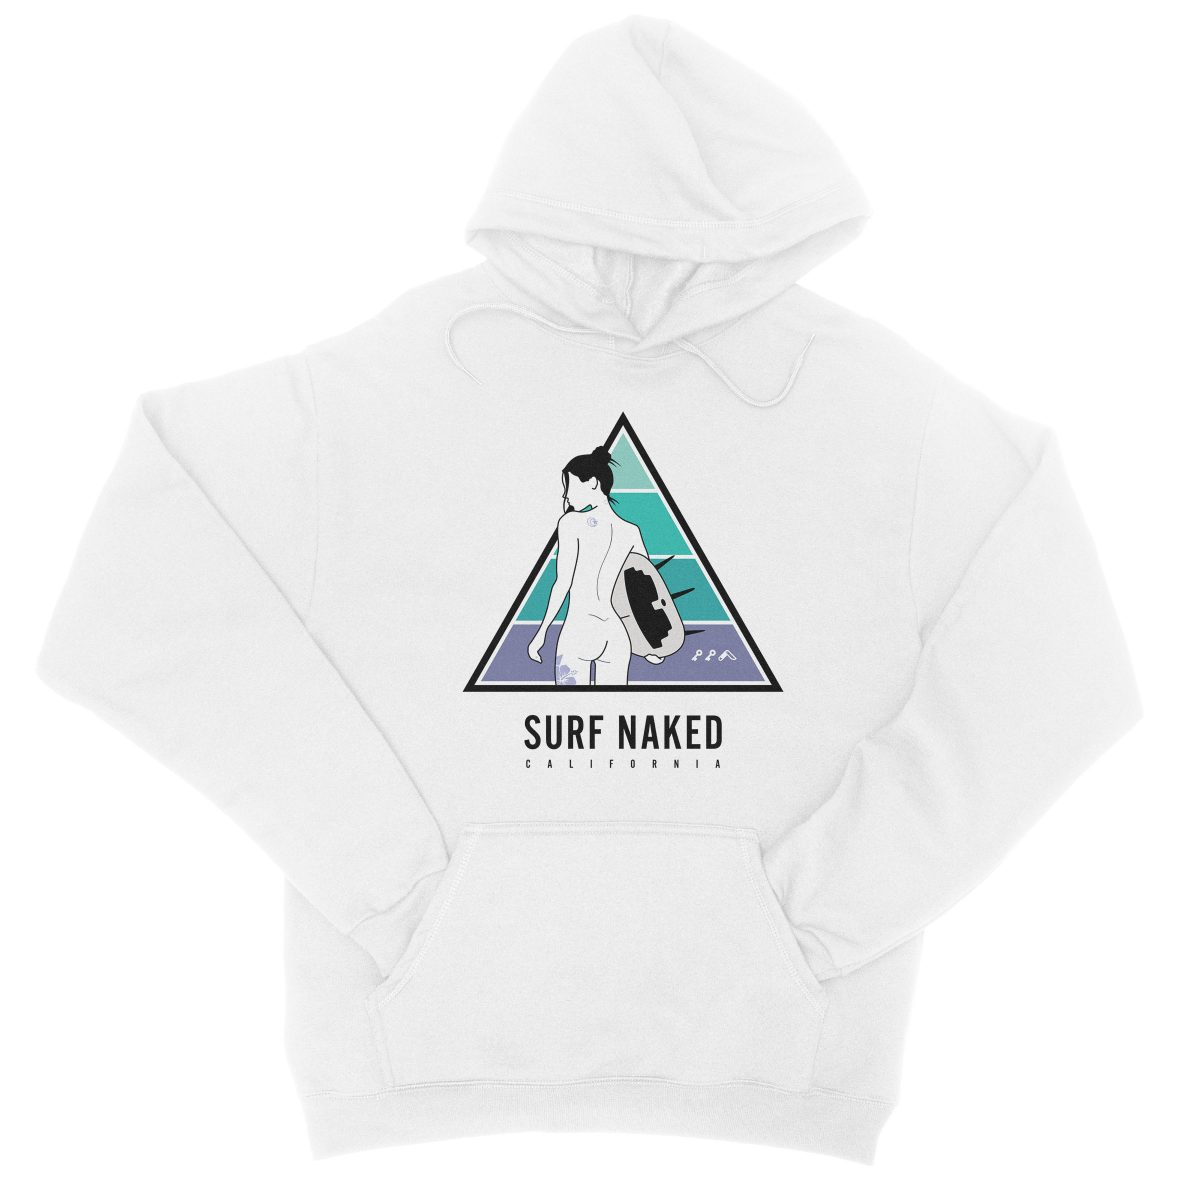 SURF NAKED CALIFORNIA beaches hoodie in white by kikicutt sweatshirt store